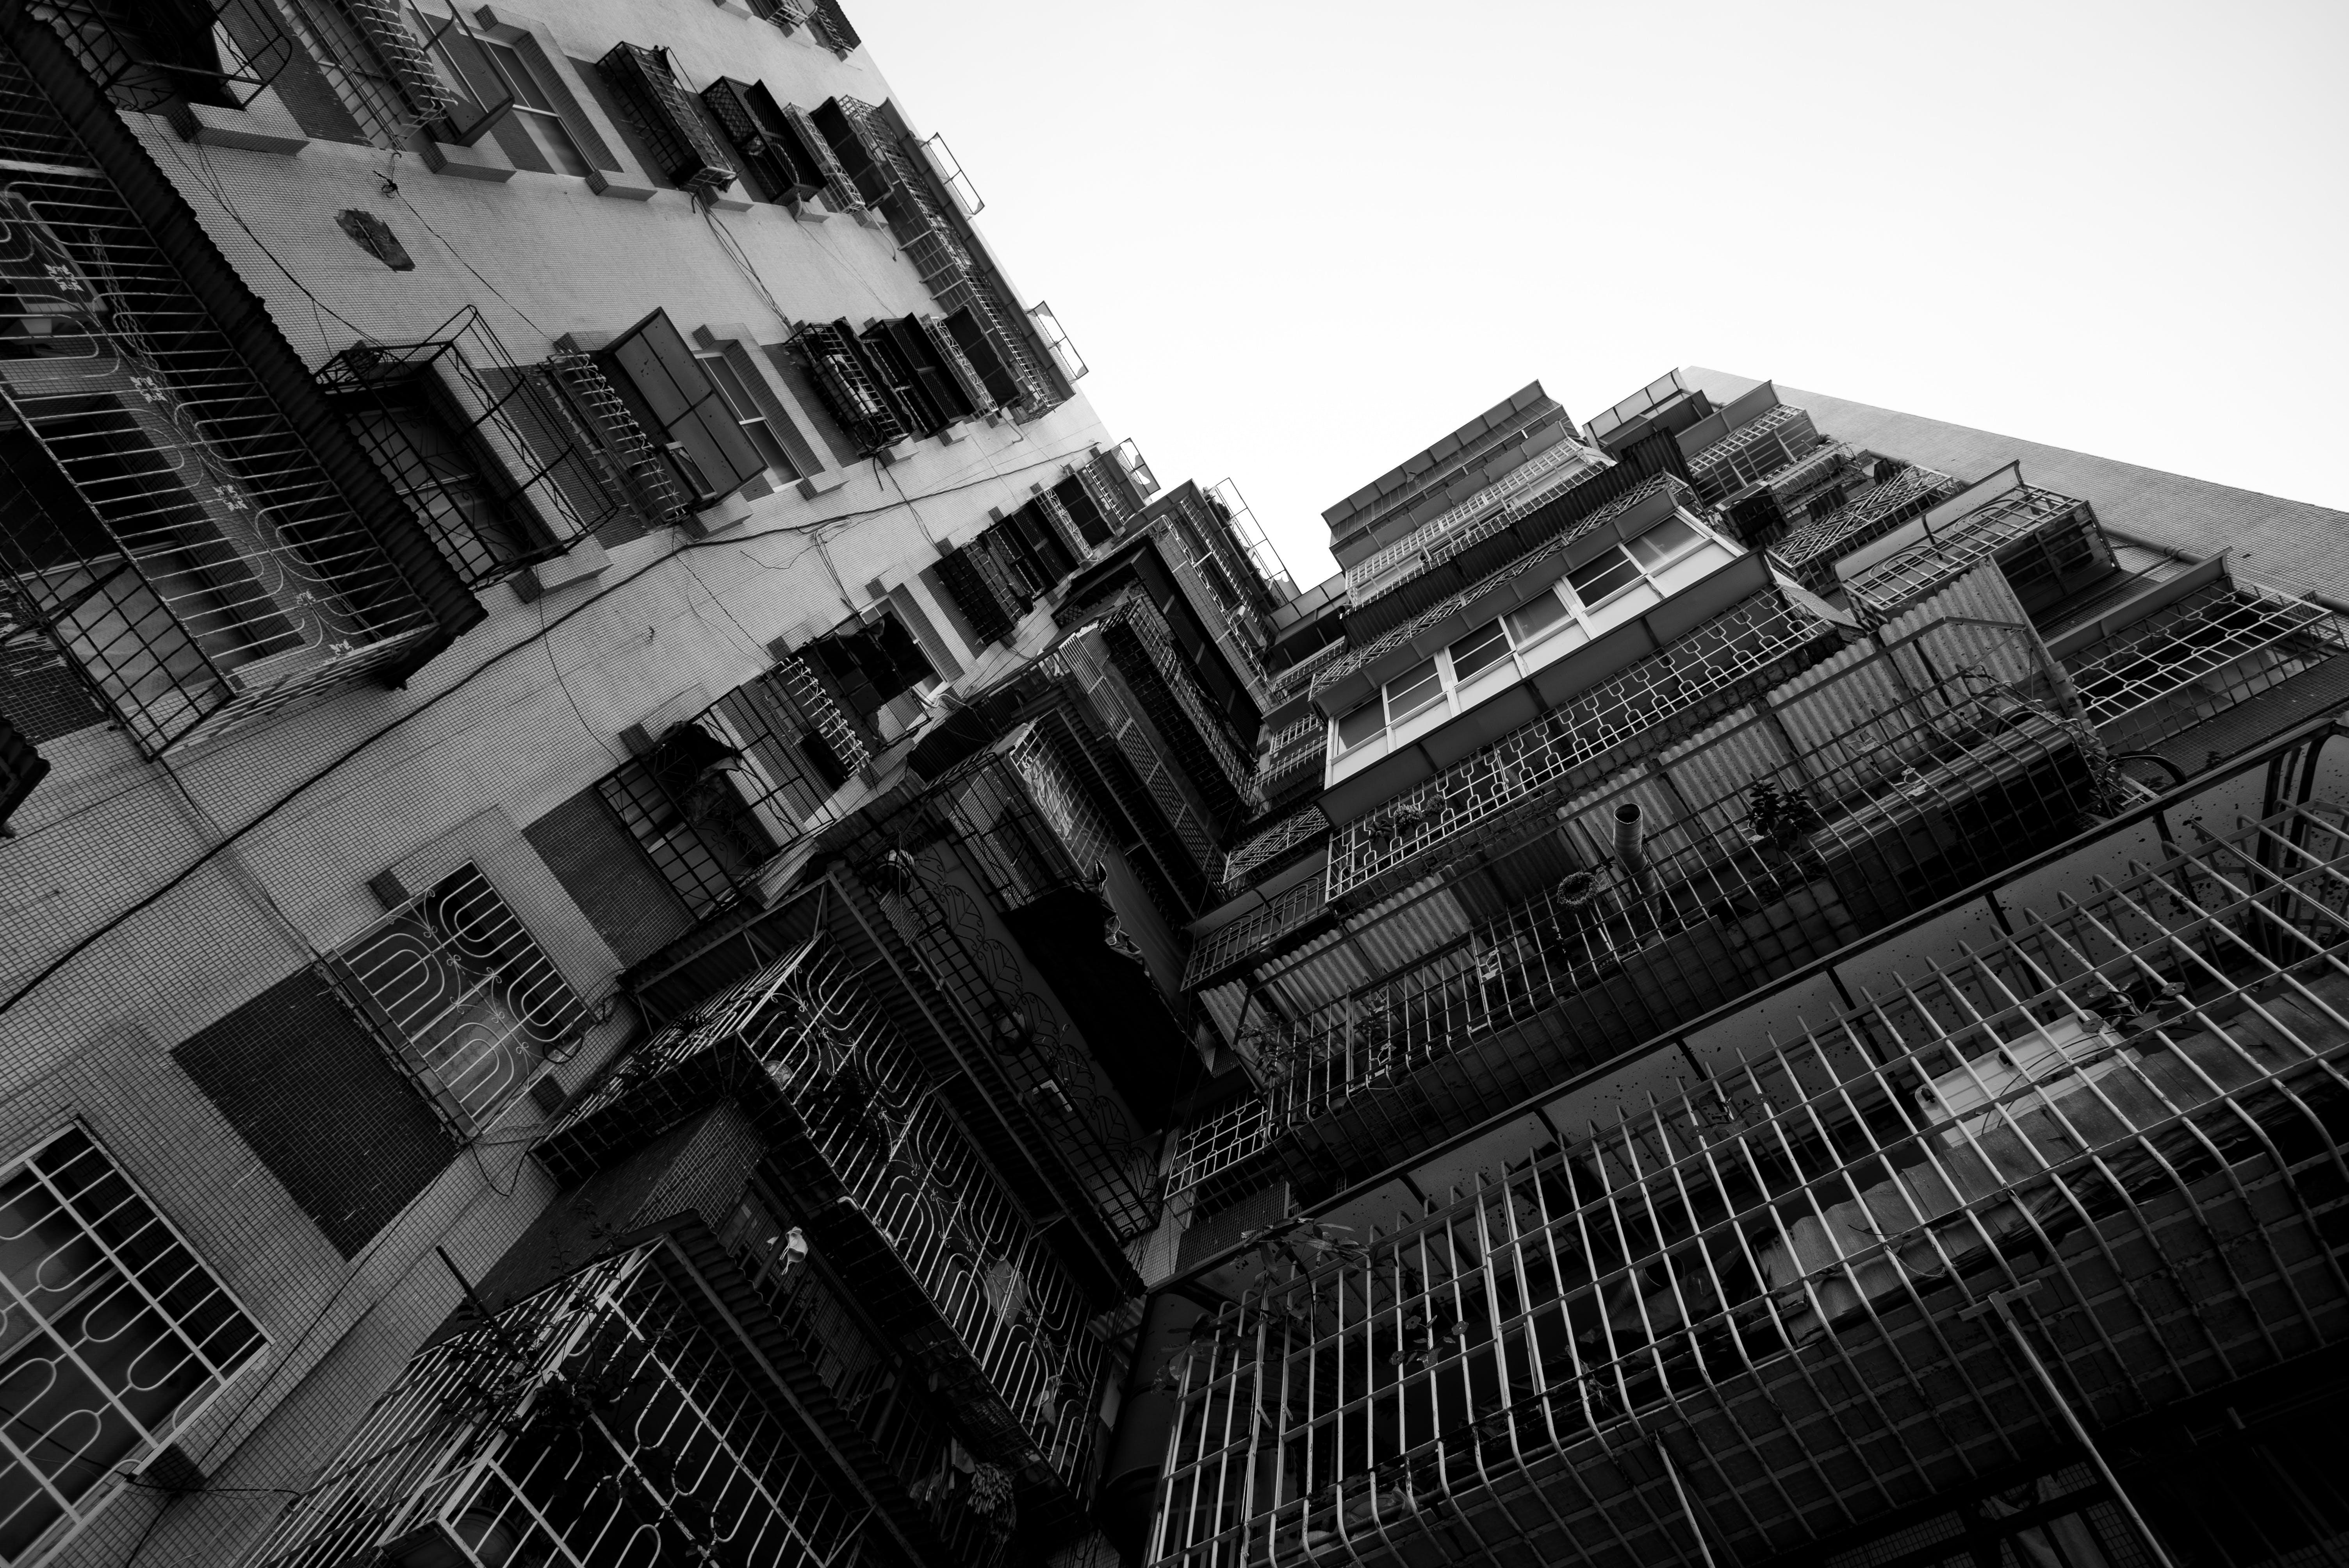 Δωρεάν στοκ φωτογραφιών με αρχιτεκτονική, Ασία, ασπρόμαυρο, κτήριο